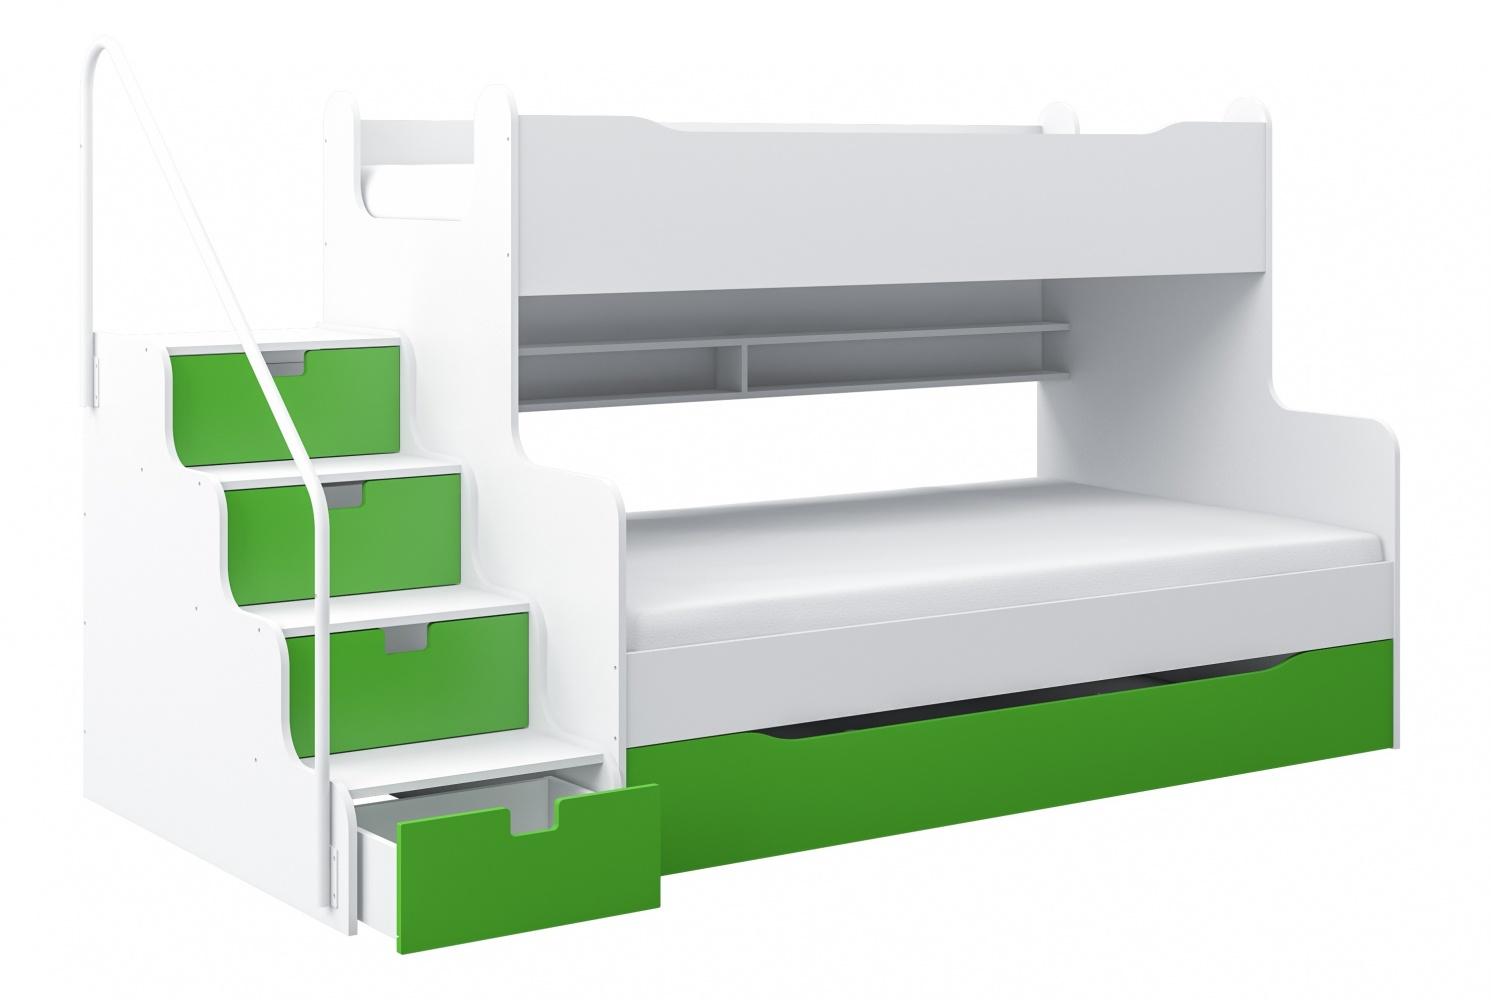 Etagenbett Grün : Etagenbett hochbett mk mit schubkastentreppe weiß grün ehb m